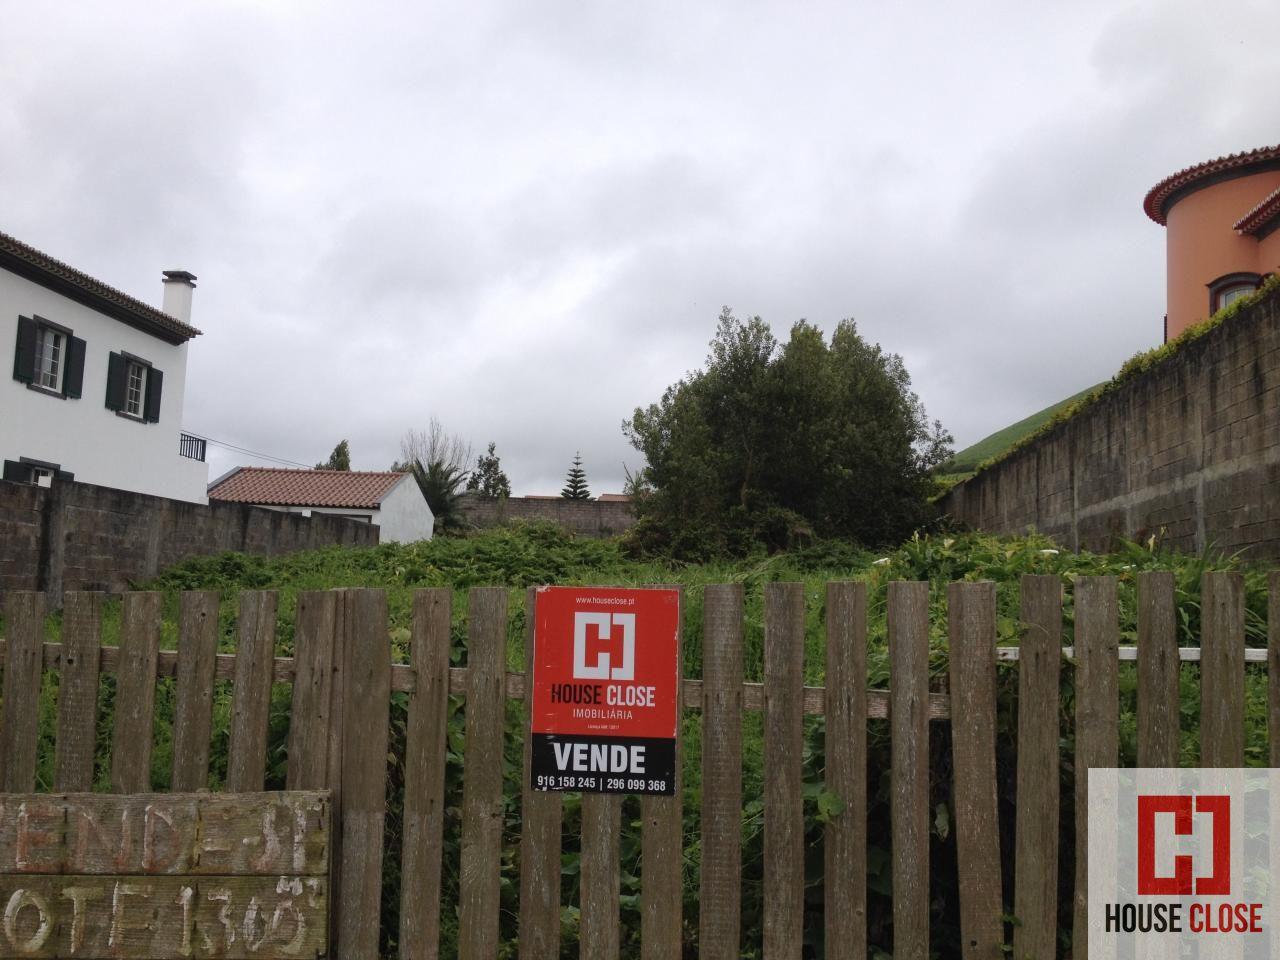 Lote Urbano com 1375 m2, infrestruturado, muito parto Ponta Delgada.